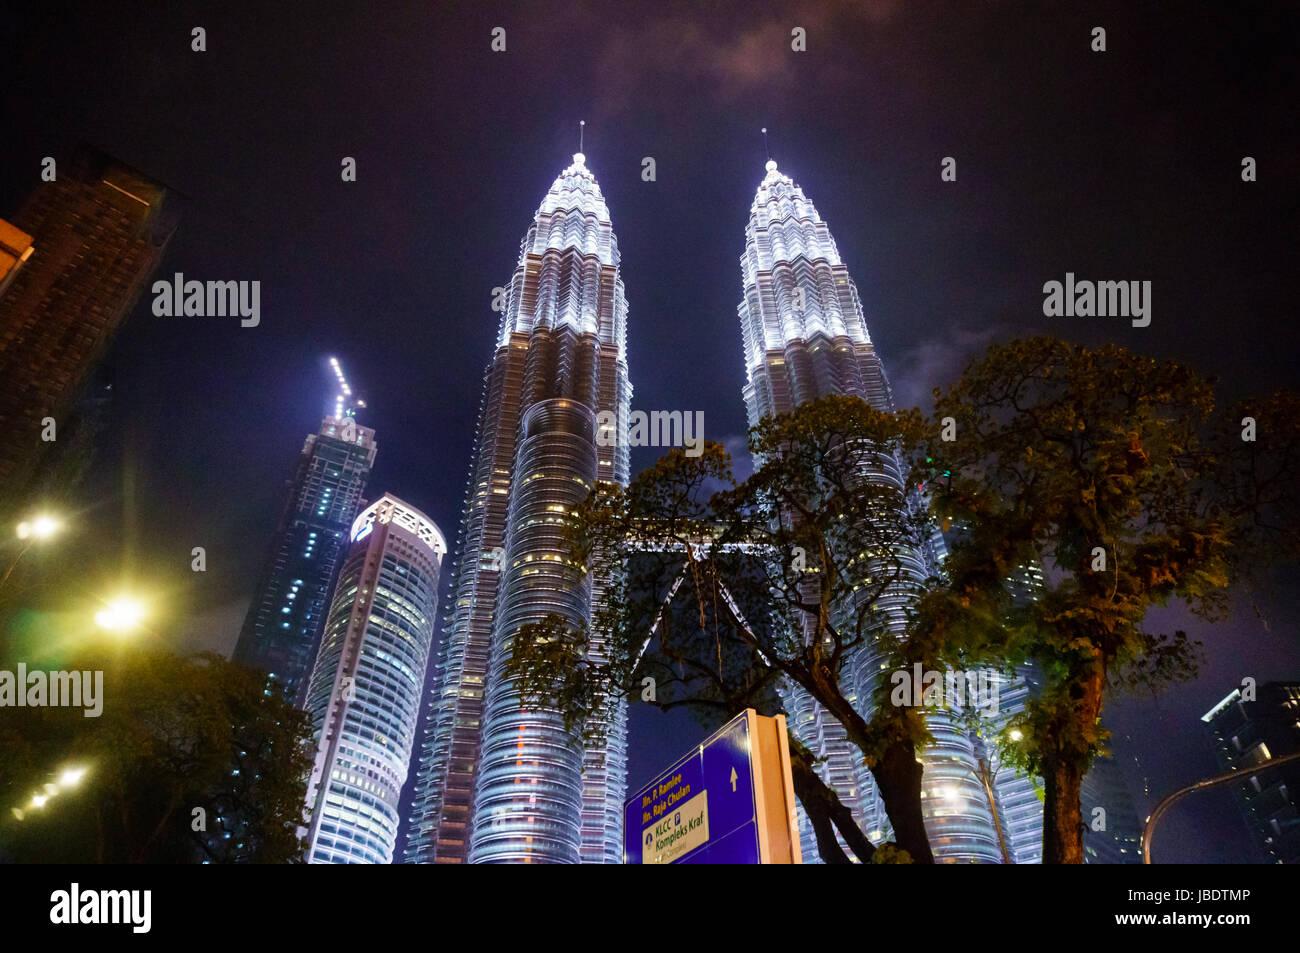 Kuala Lumpur, Malasia - El 5 de mayo de 2017: Las Torres Petronas en una noche lluviosa con un cielo nublado y lluvia Imagen De Stock